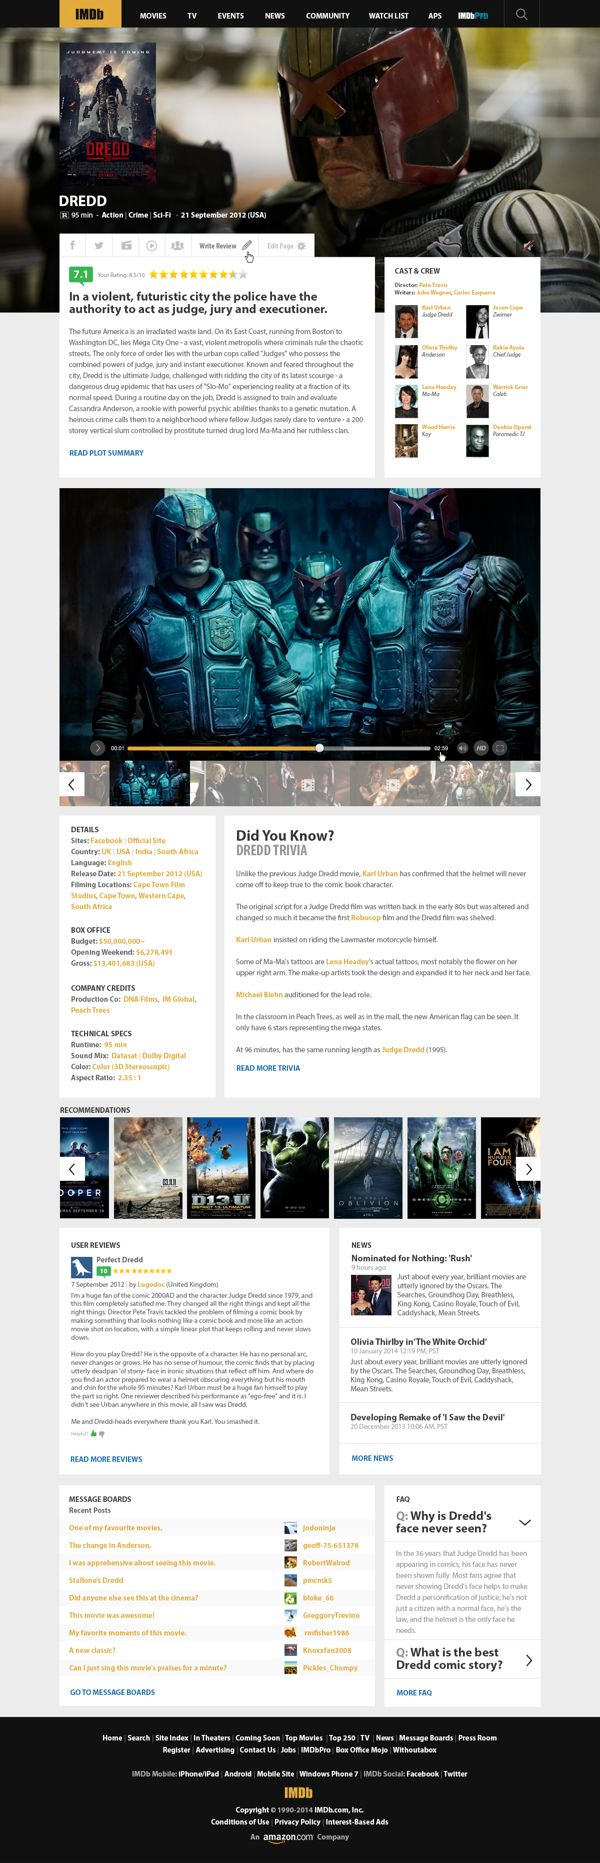 Sky  Ui Design  Movie  Graphics  Behance  Galleries  Website  Layout. 30 best D E S I G N   U I images on Pinterest   Website designs